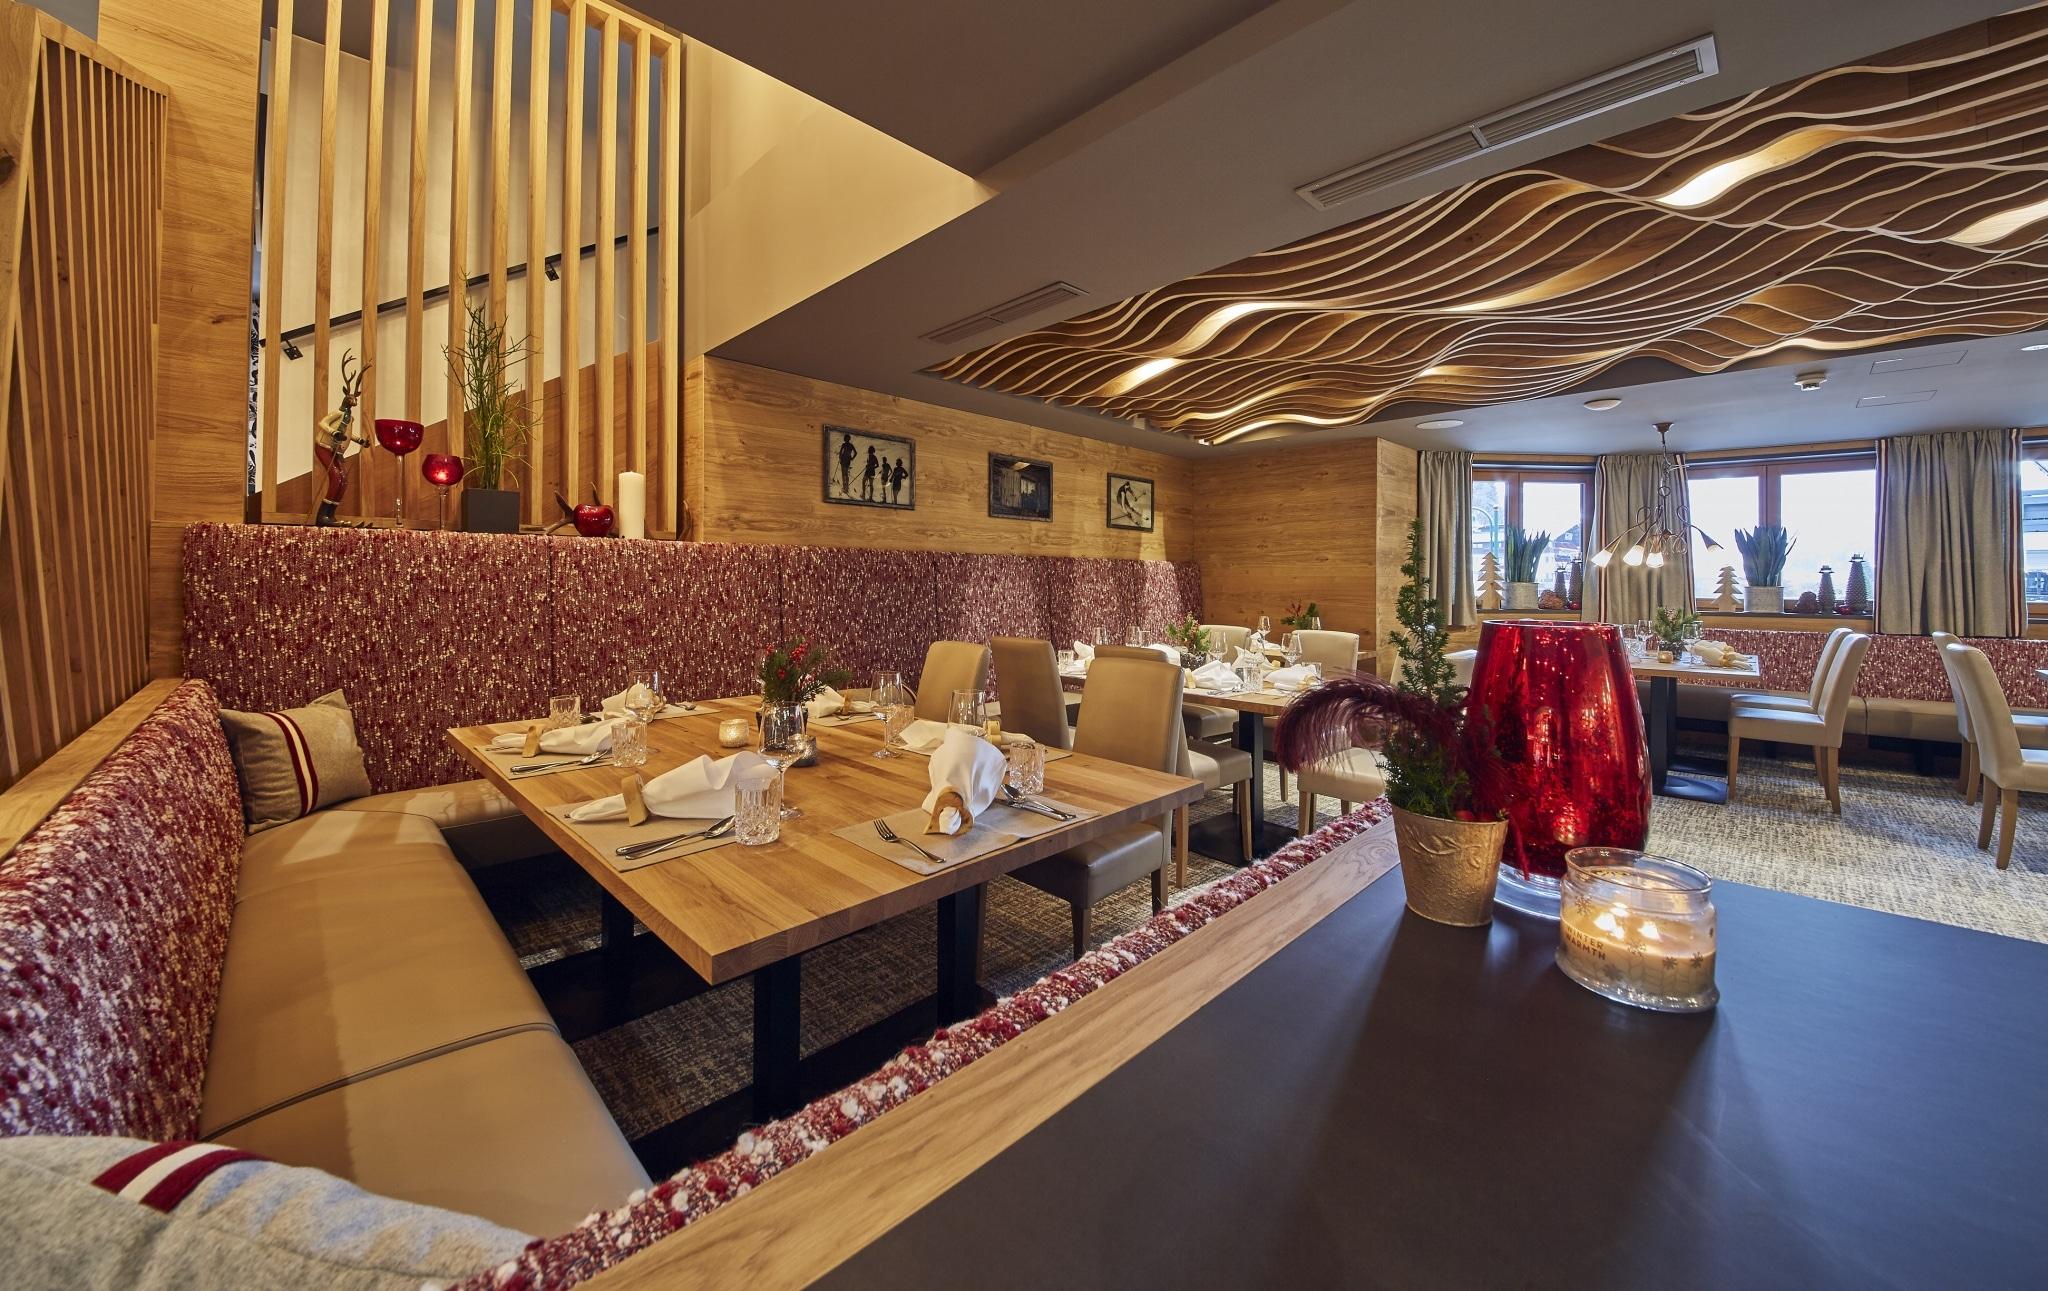 Ein gedeckter Tisch mit Dekoration und rot gemusterter Eckbank-Polsterung